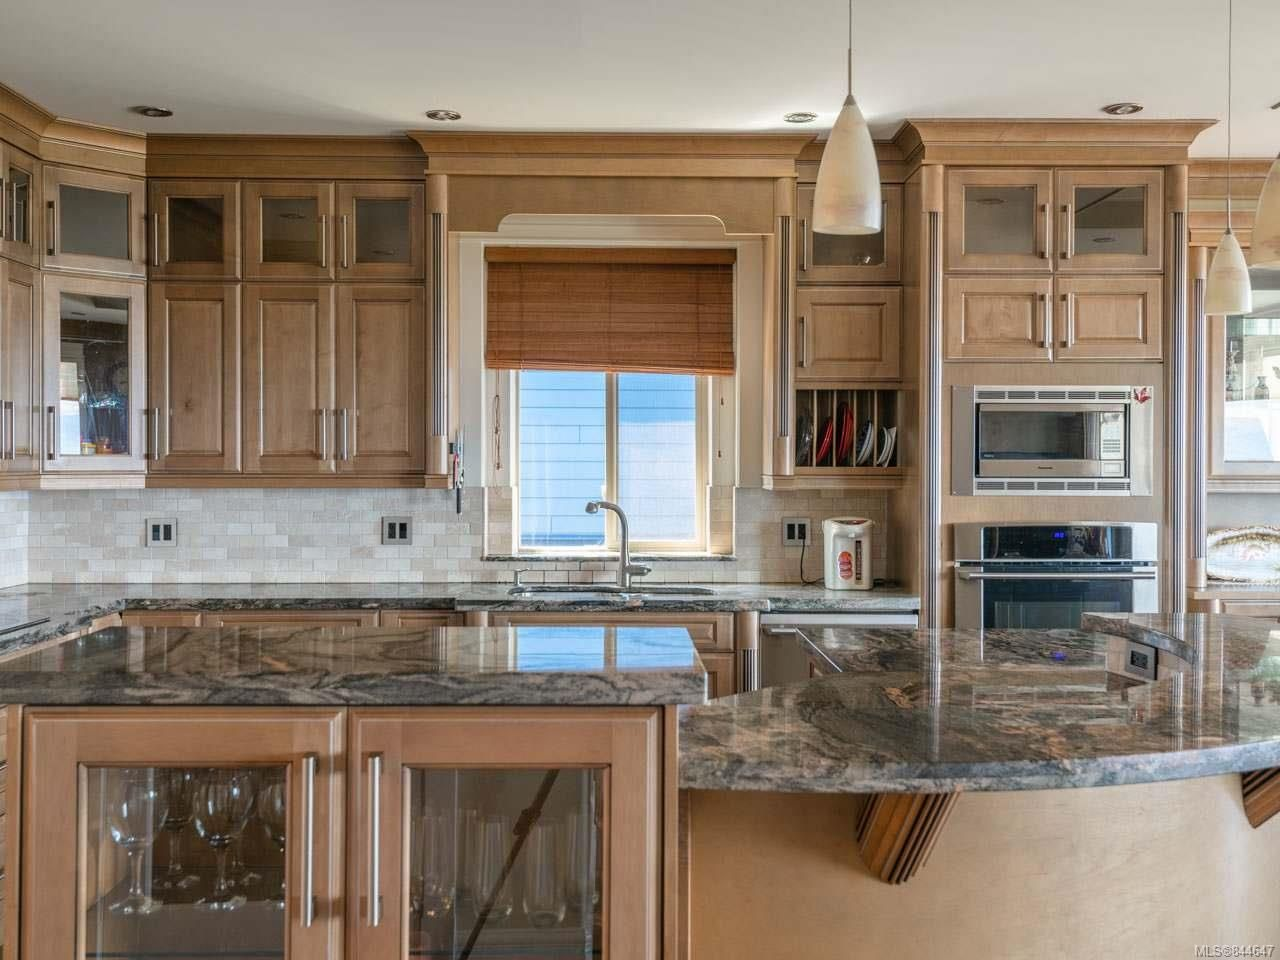 Photo 35: Photos: 4576 Laguna Way in NANAIMO: Na North Nanaimo House for sale (Nanaimo)  : MLS®# 844647